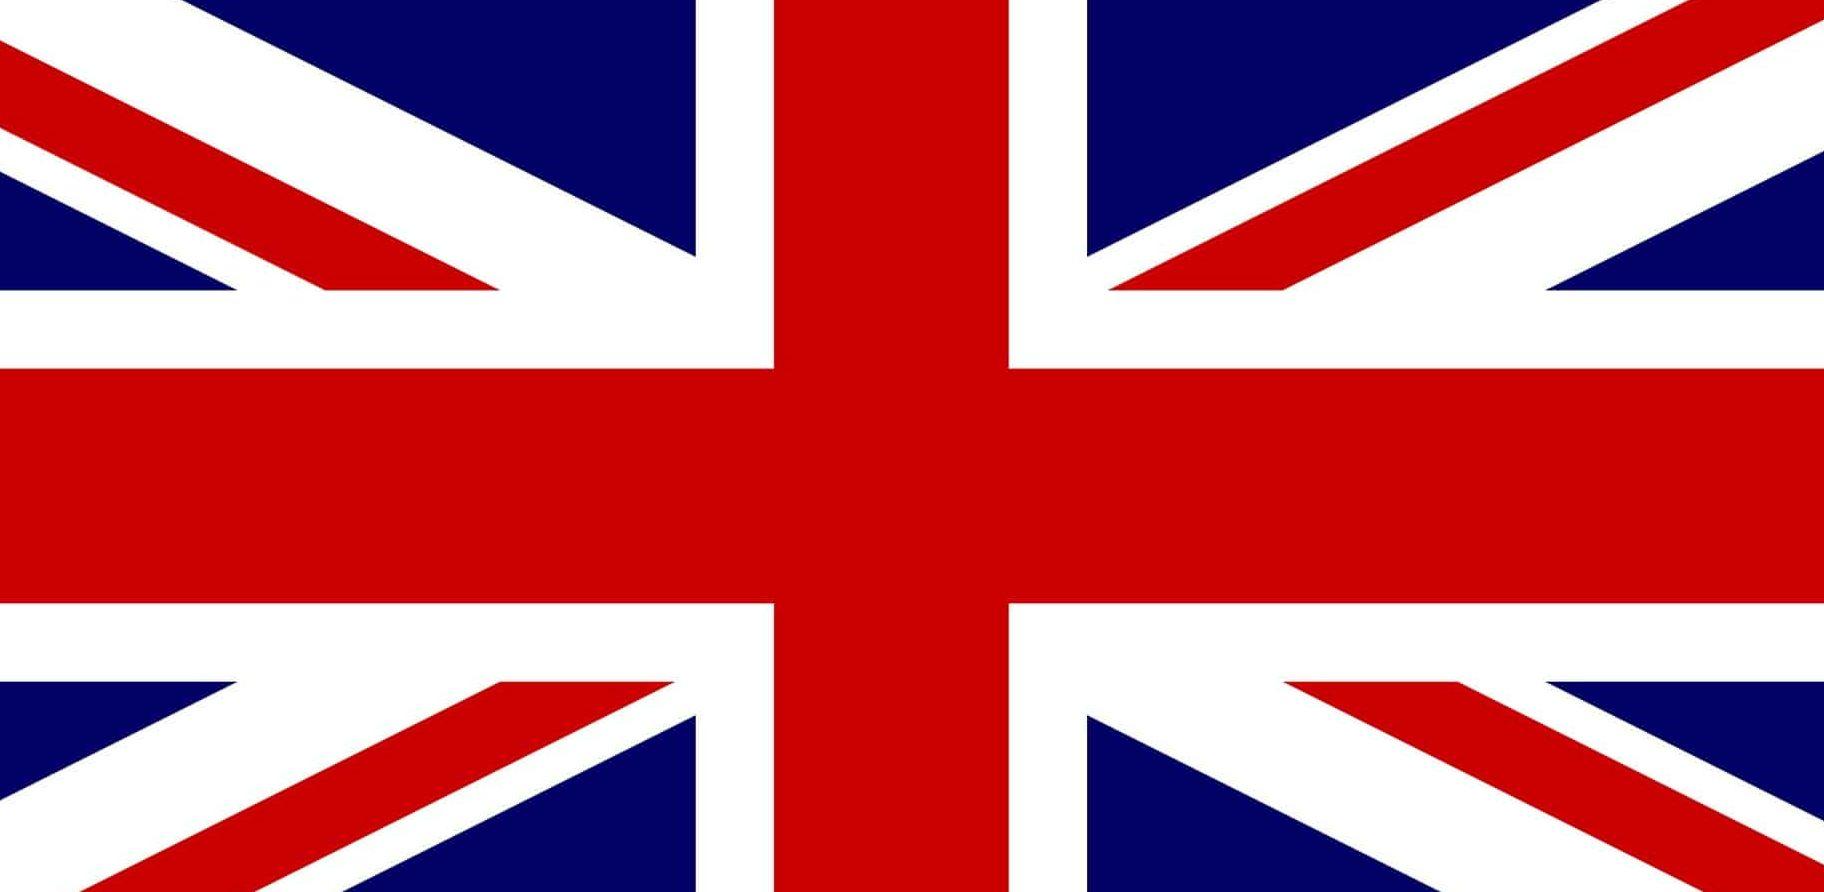 Drapeau britannique - Union Jack - Drapeau britannique - Union Jack - Royaume-Uni